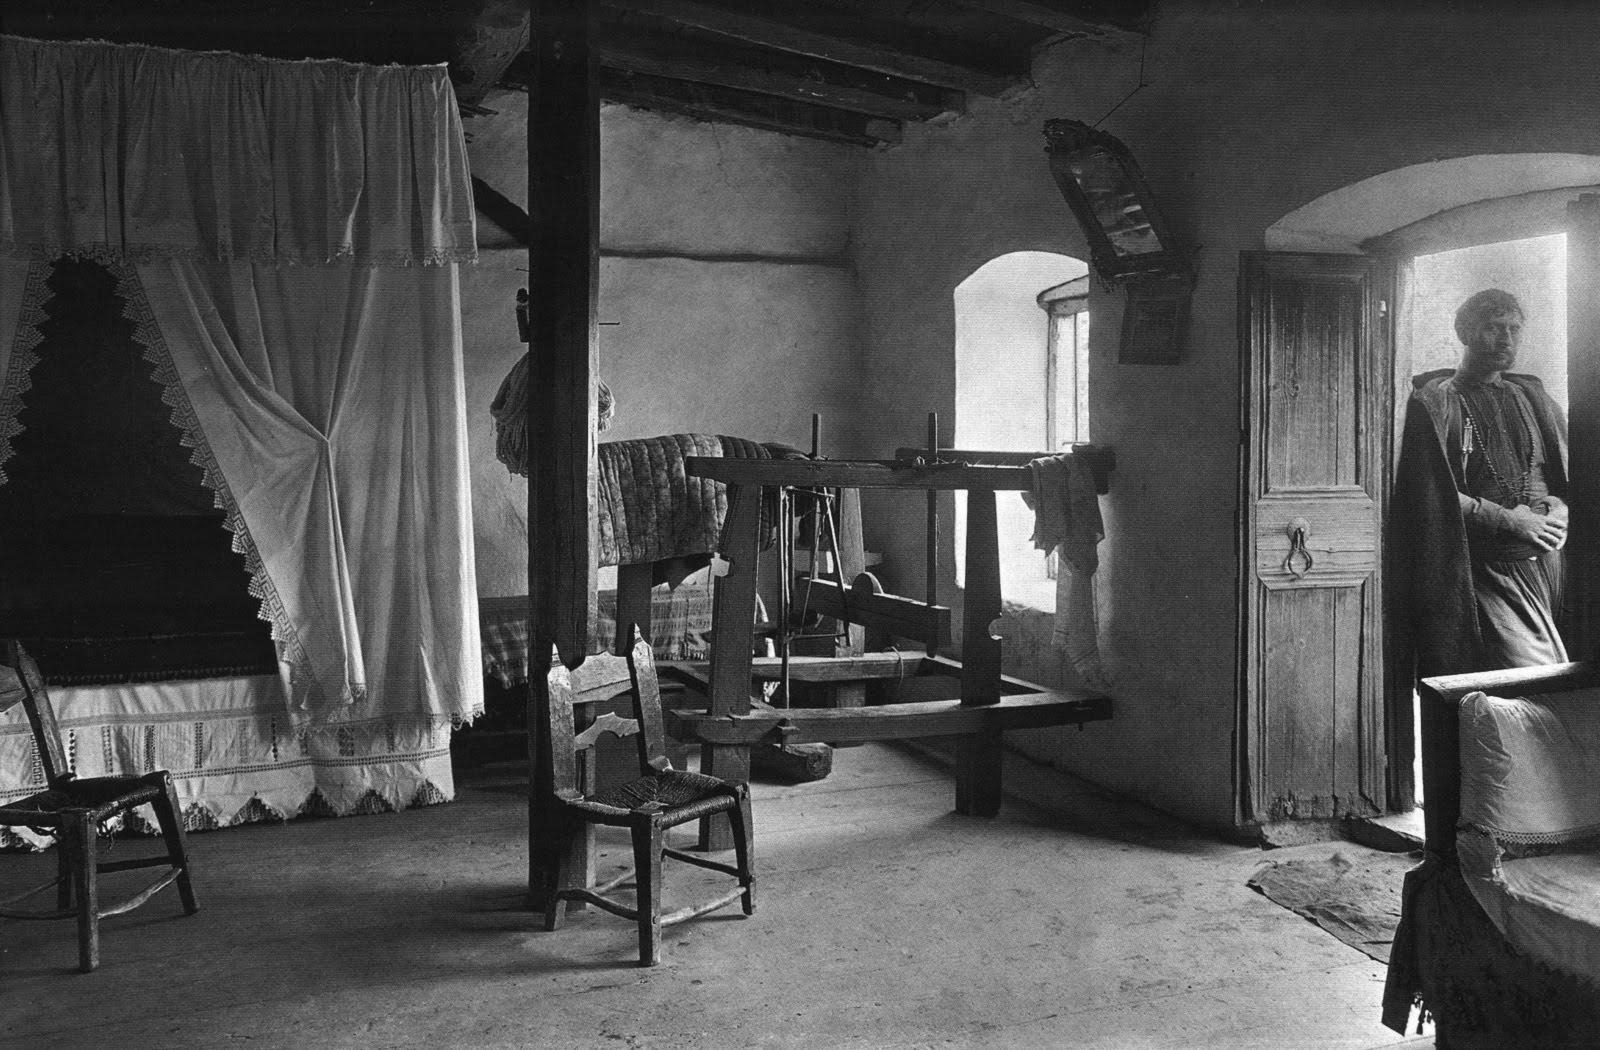 Εσωτερικό σπιτιού - 1911